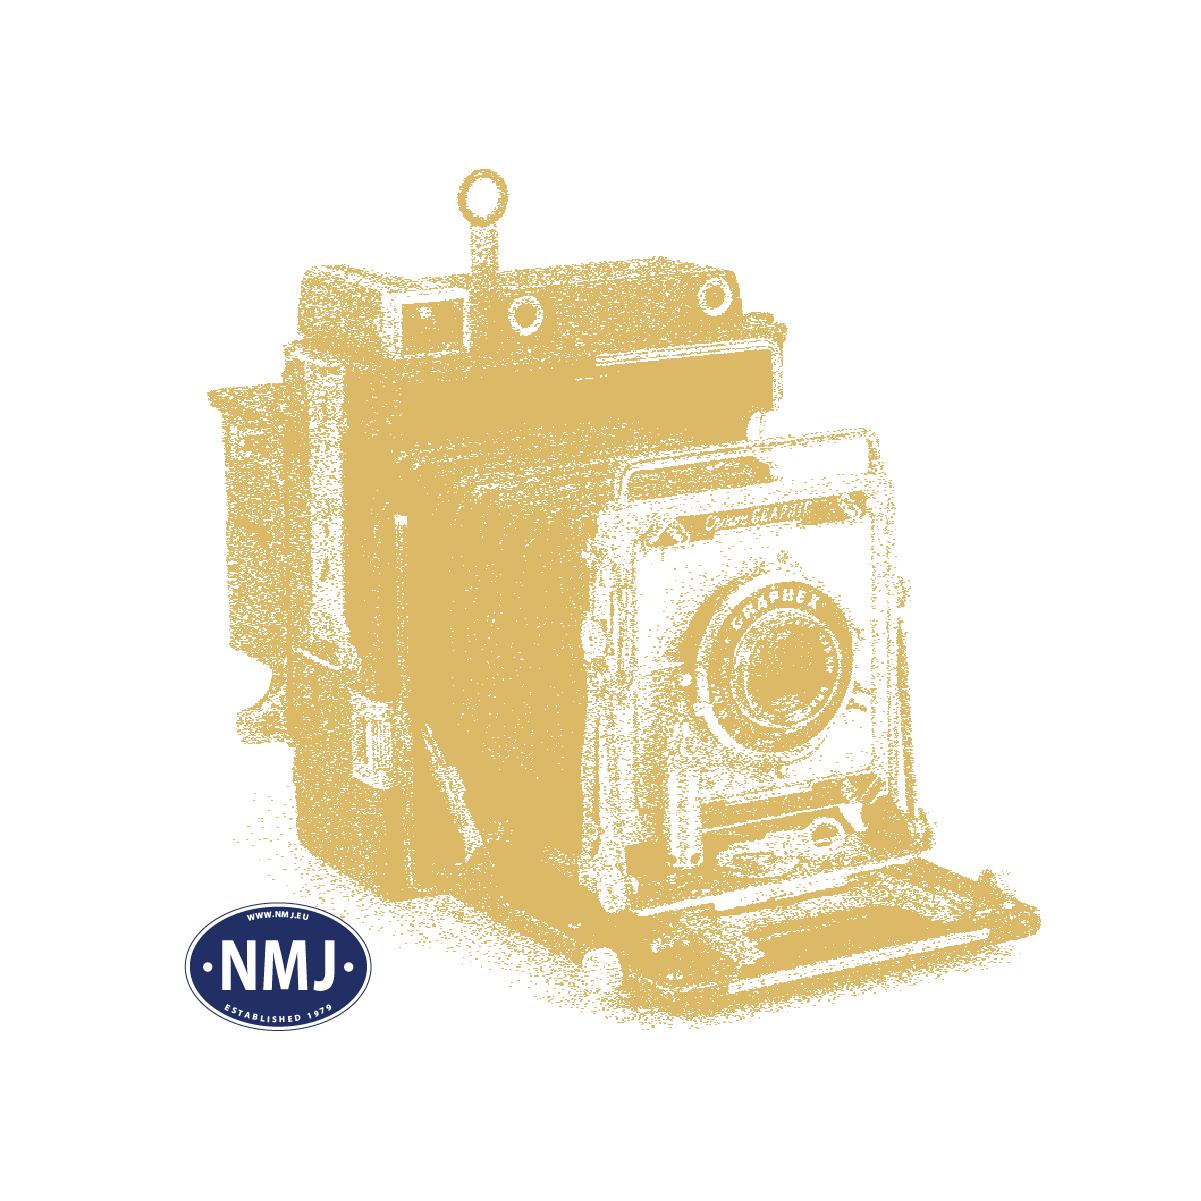 NMJSE2.1180 - NMJ Superline Modell der SJ Schlepptenderlok E2.1180